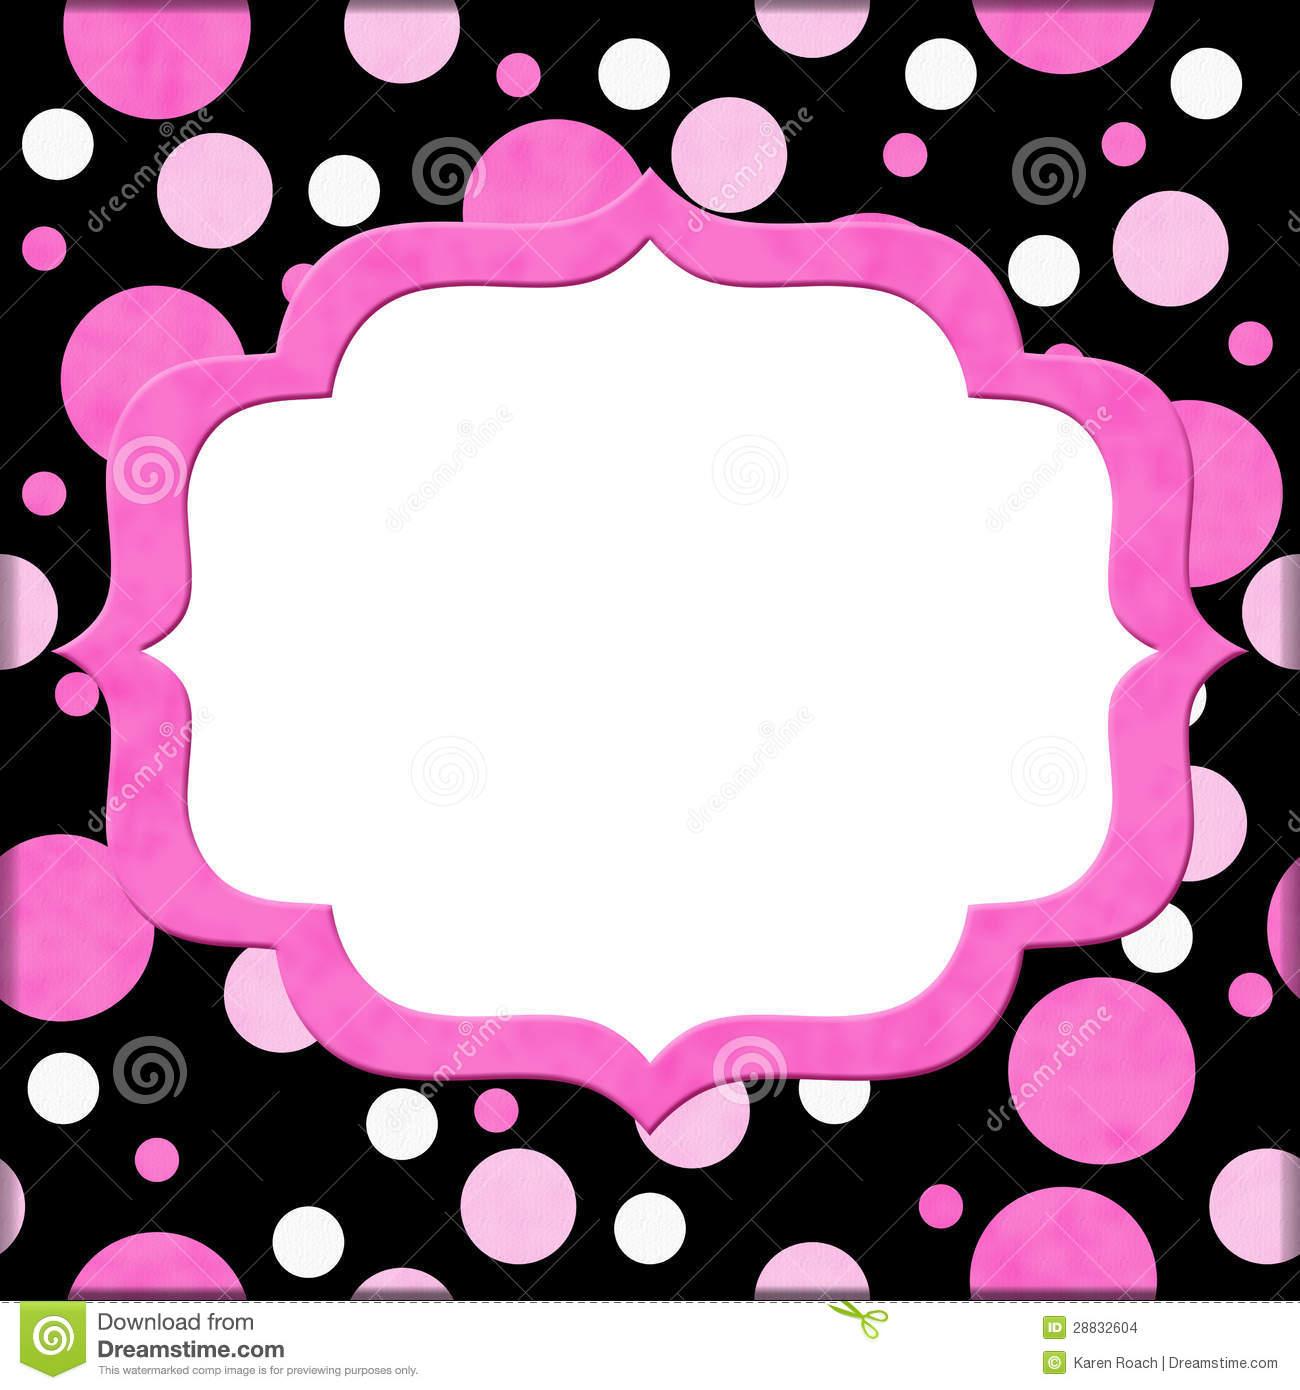 Pretty In Pink Invitations